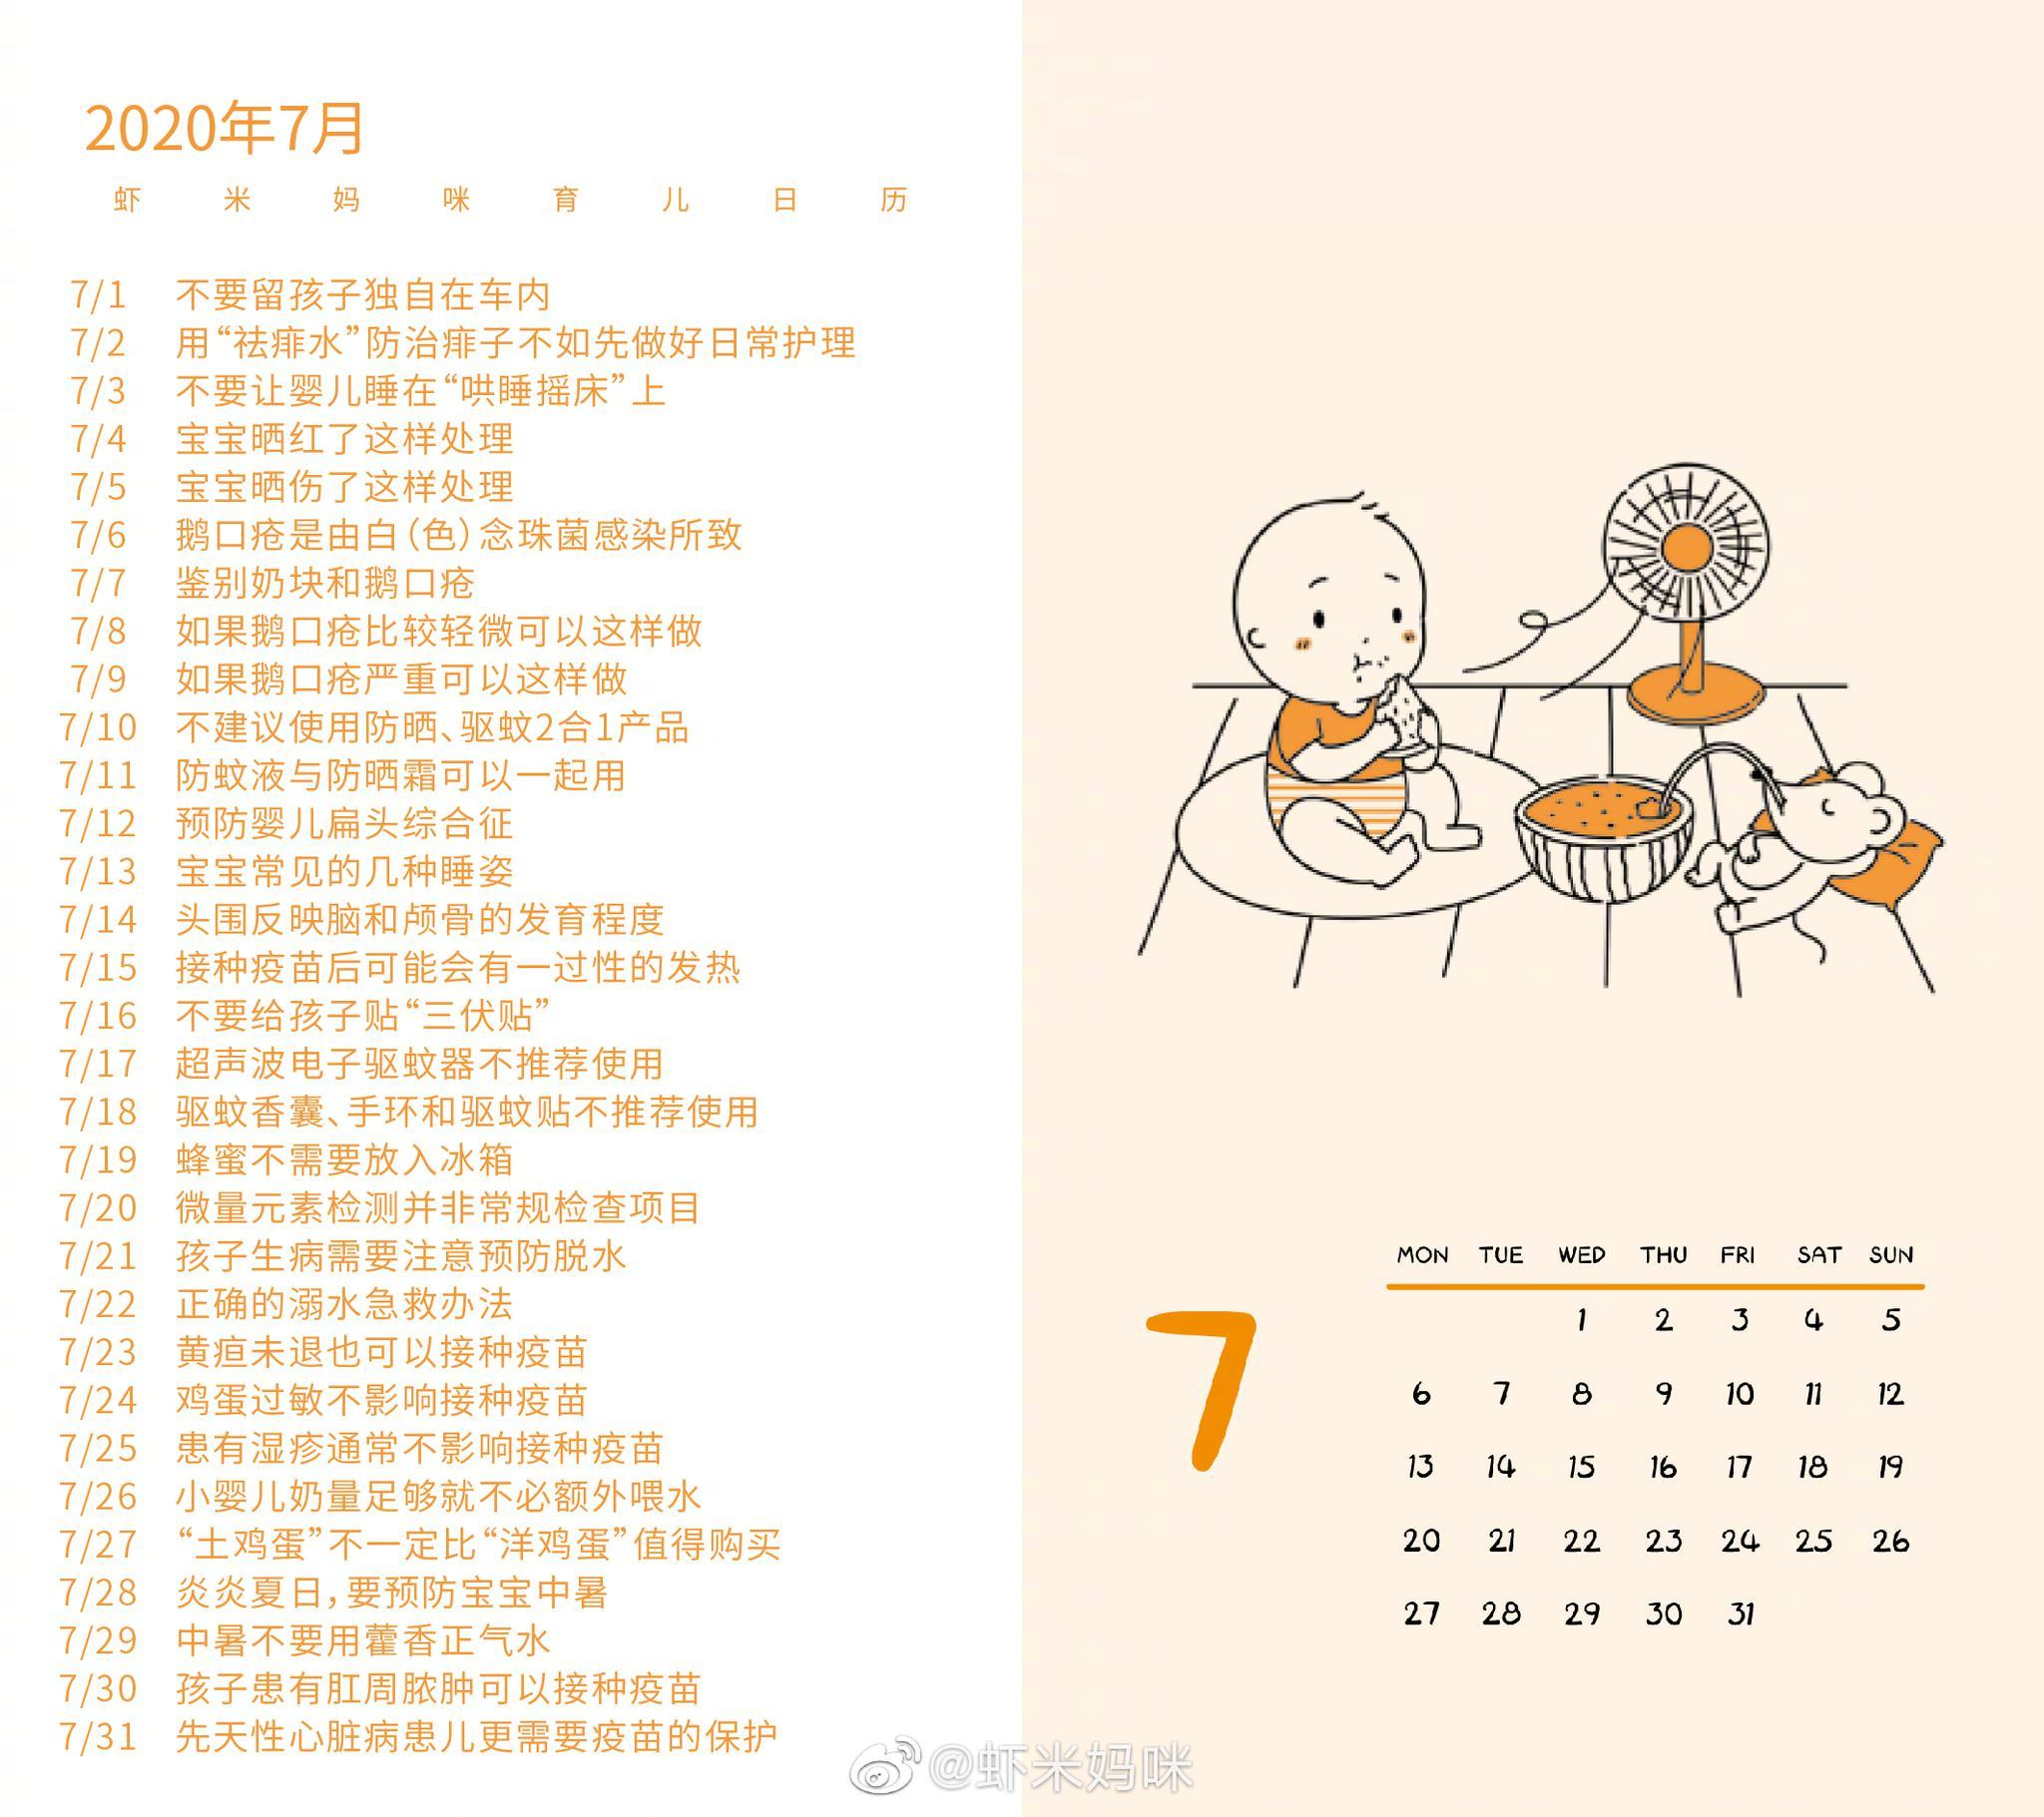 (又迟到了的 )本周分享《2020虾米妈咪育儿日历》7月20日——7